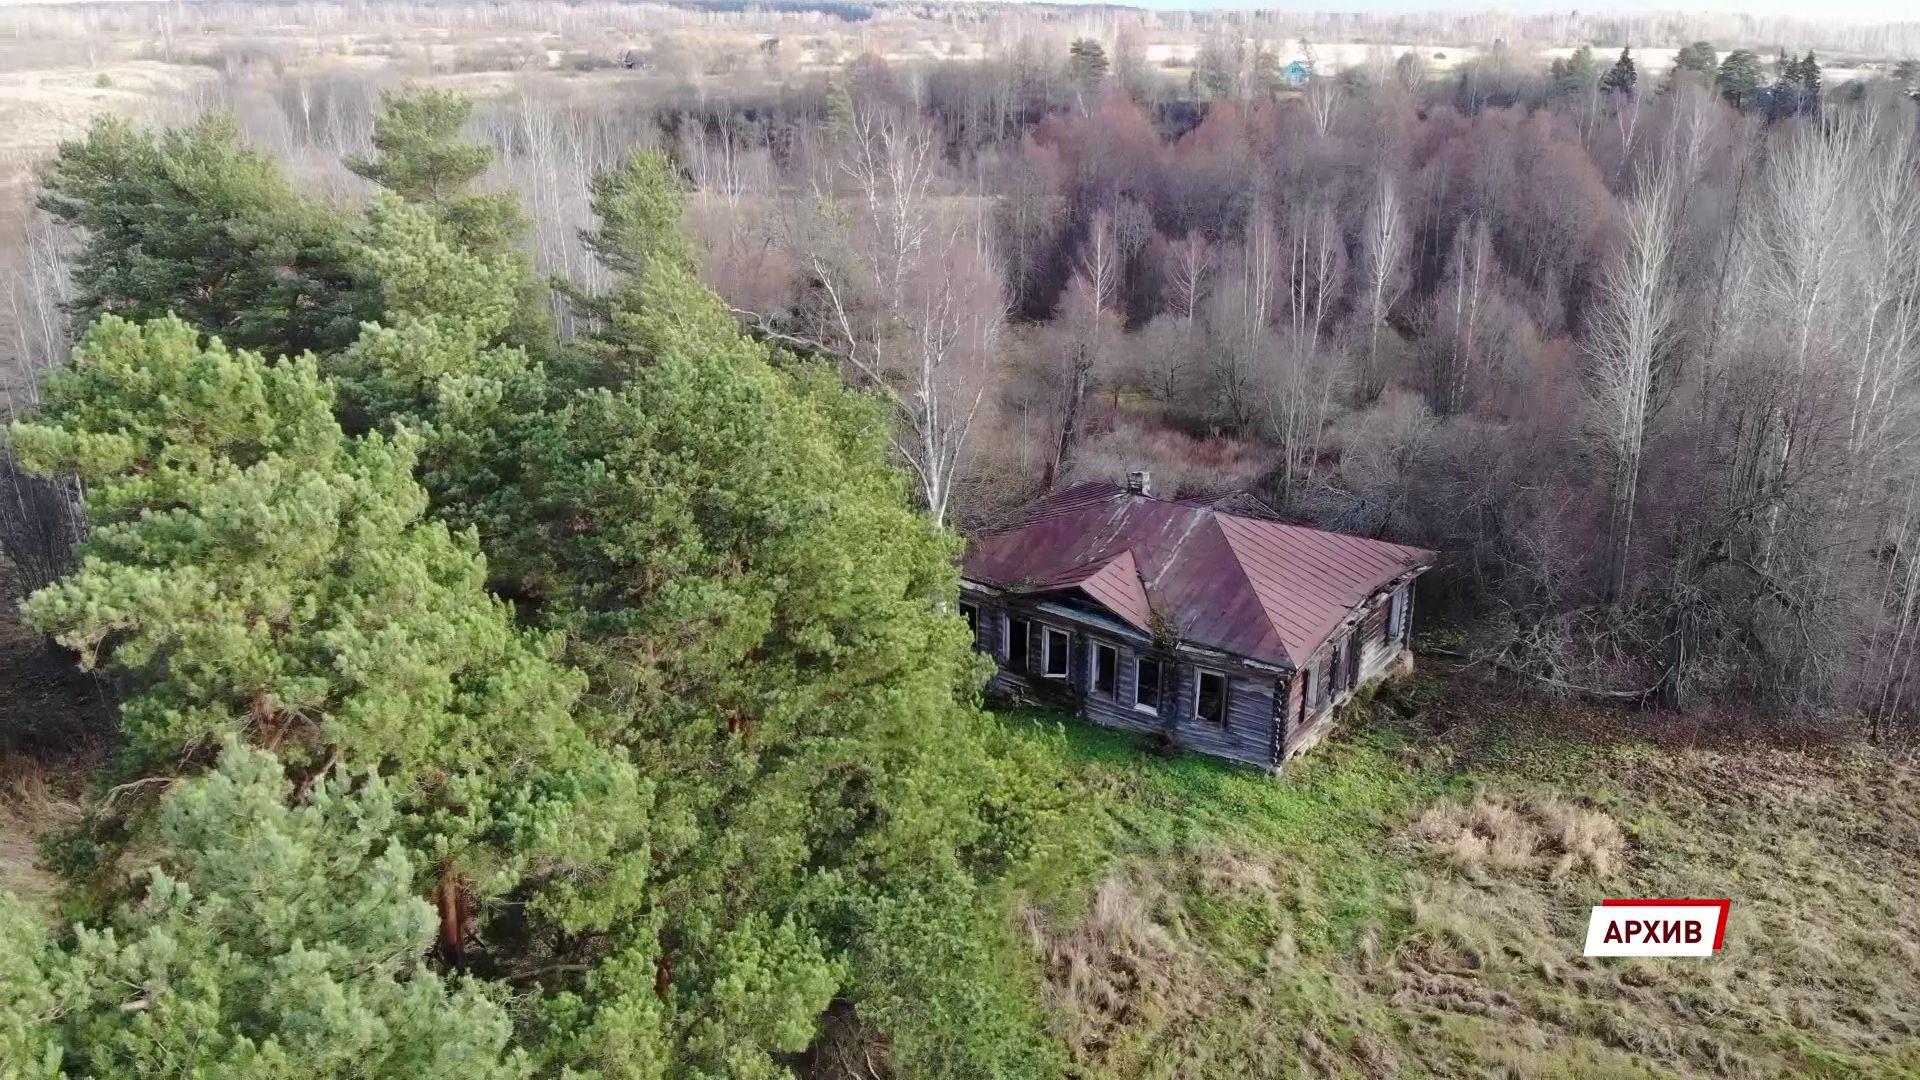 Реконструкцией усадьбы Тютчевых в Ярославской области займутся студентки